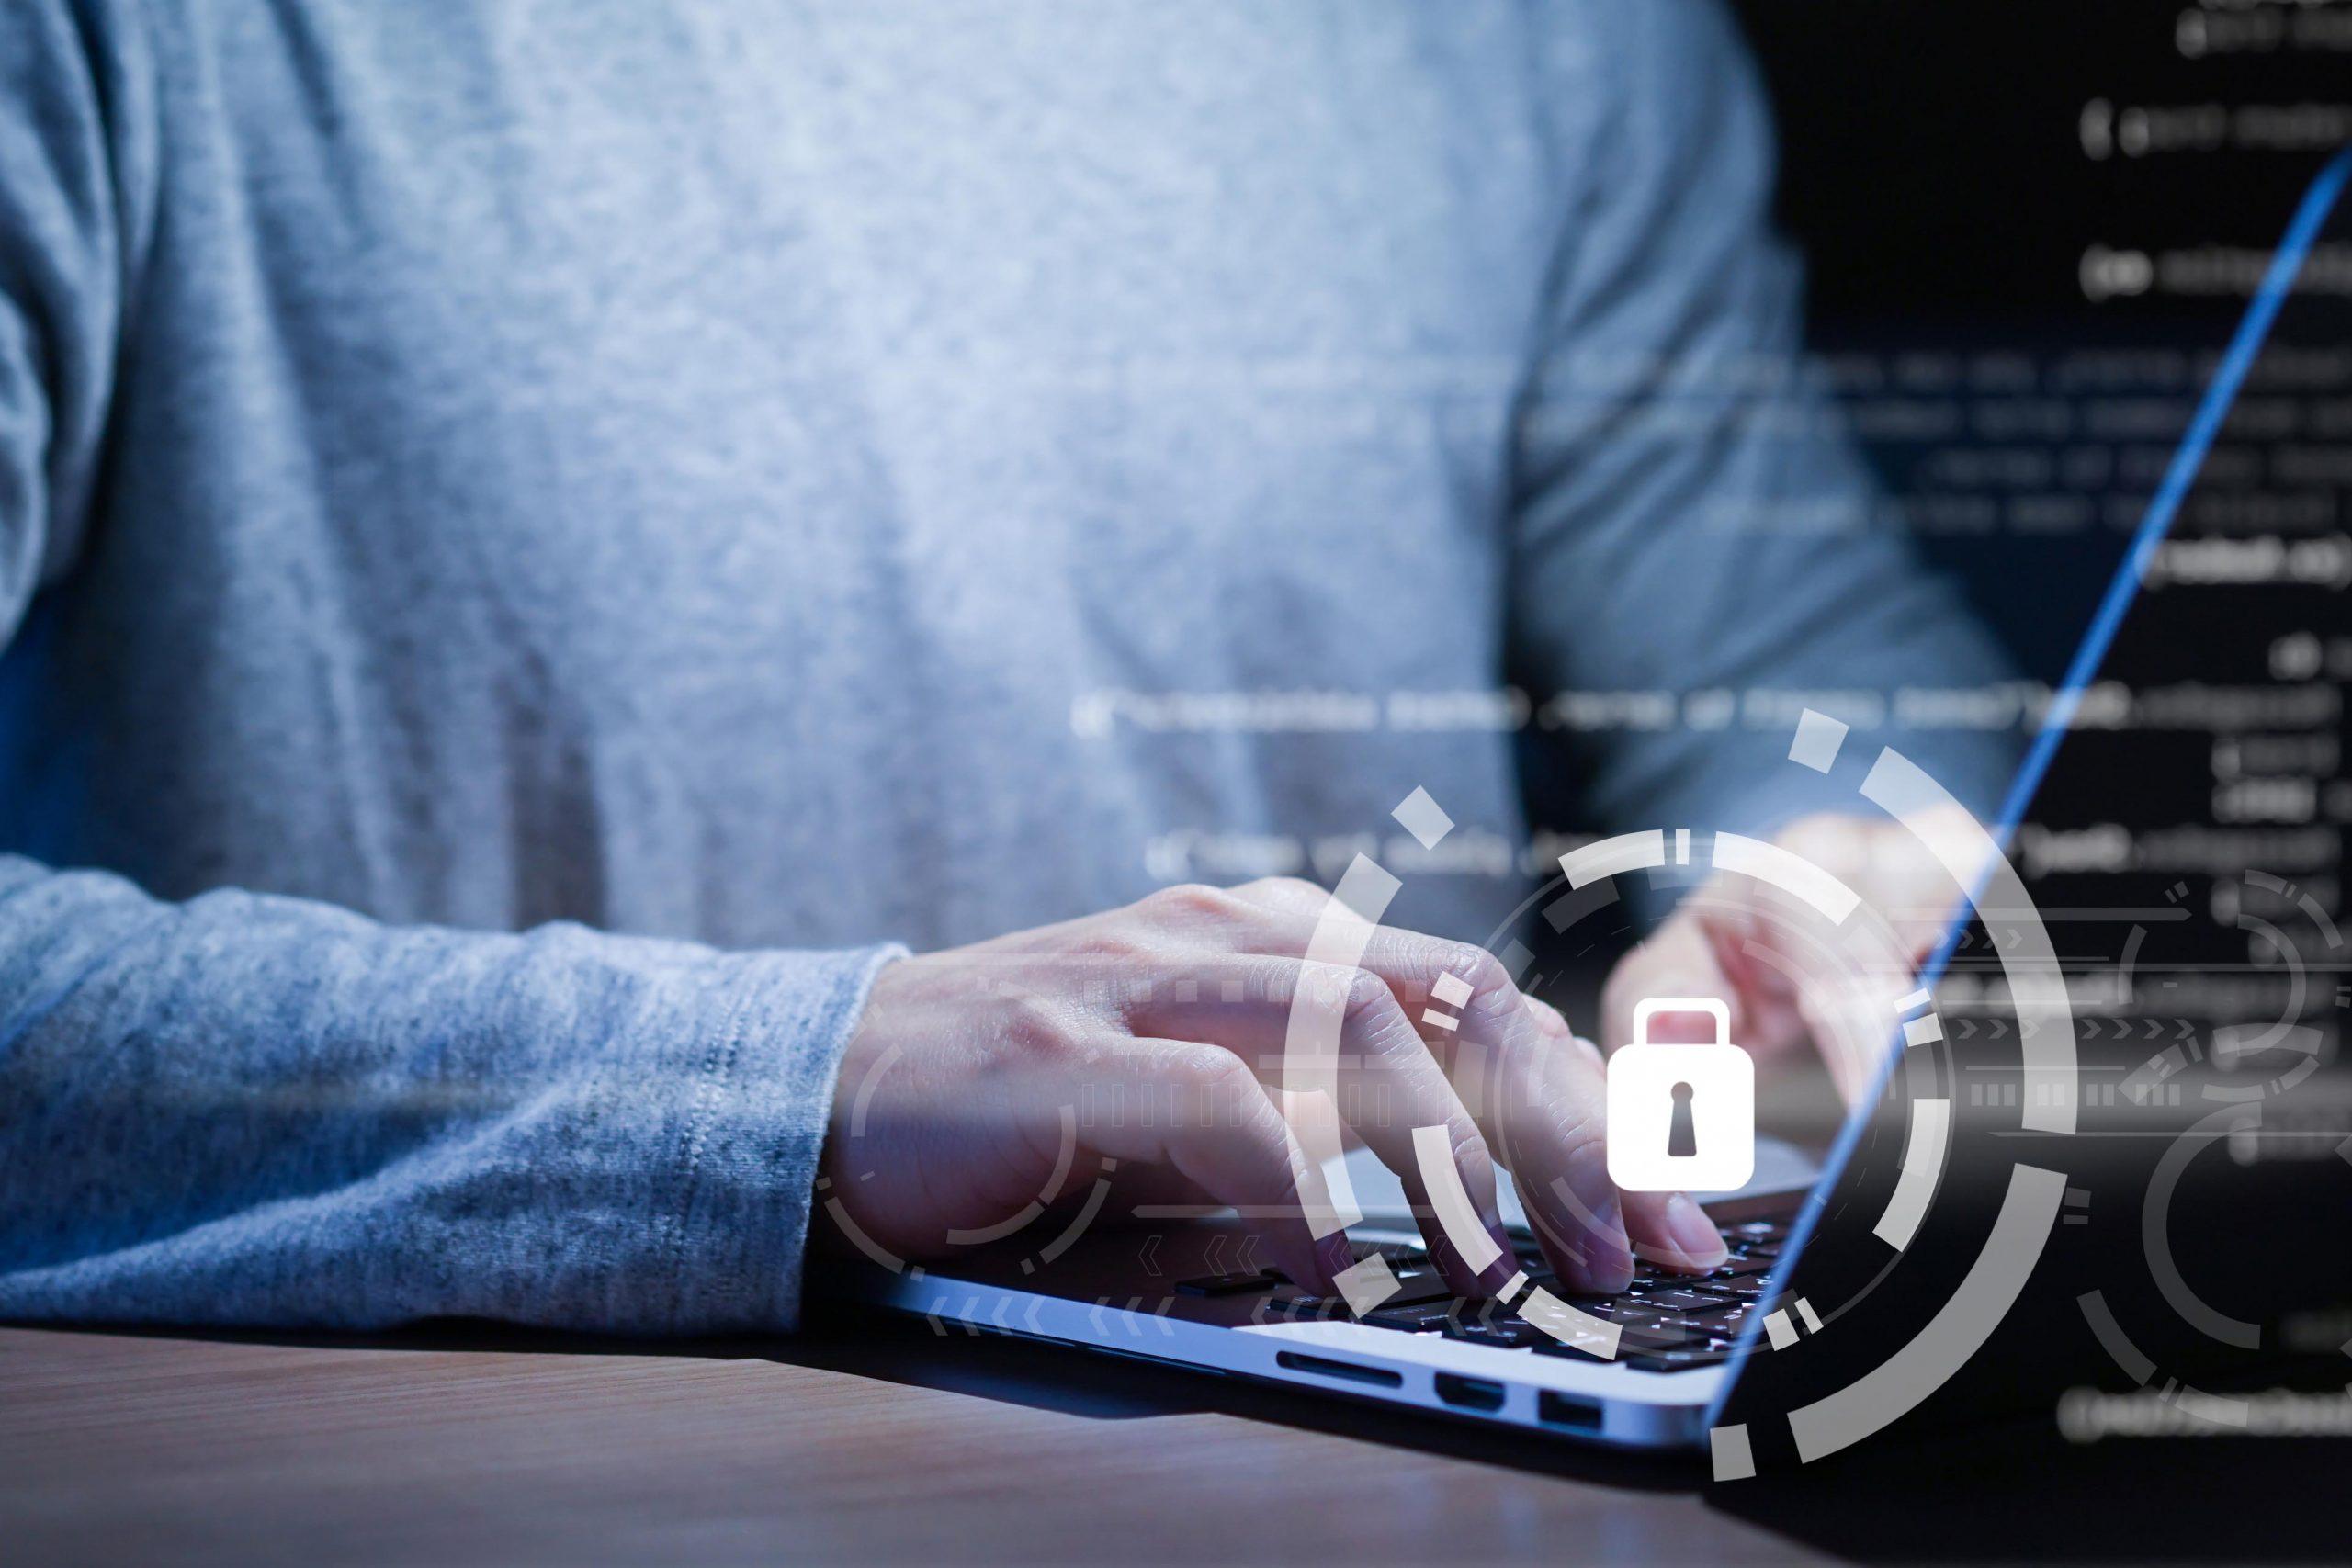 Solução EDR e XDR: qual a melhor para a segurança de dados da empresa?